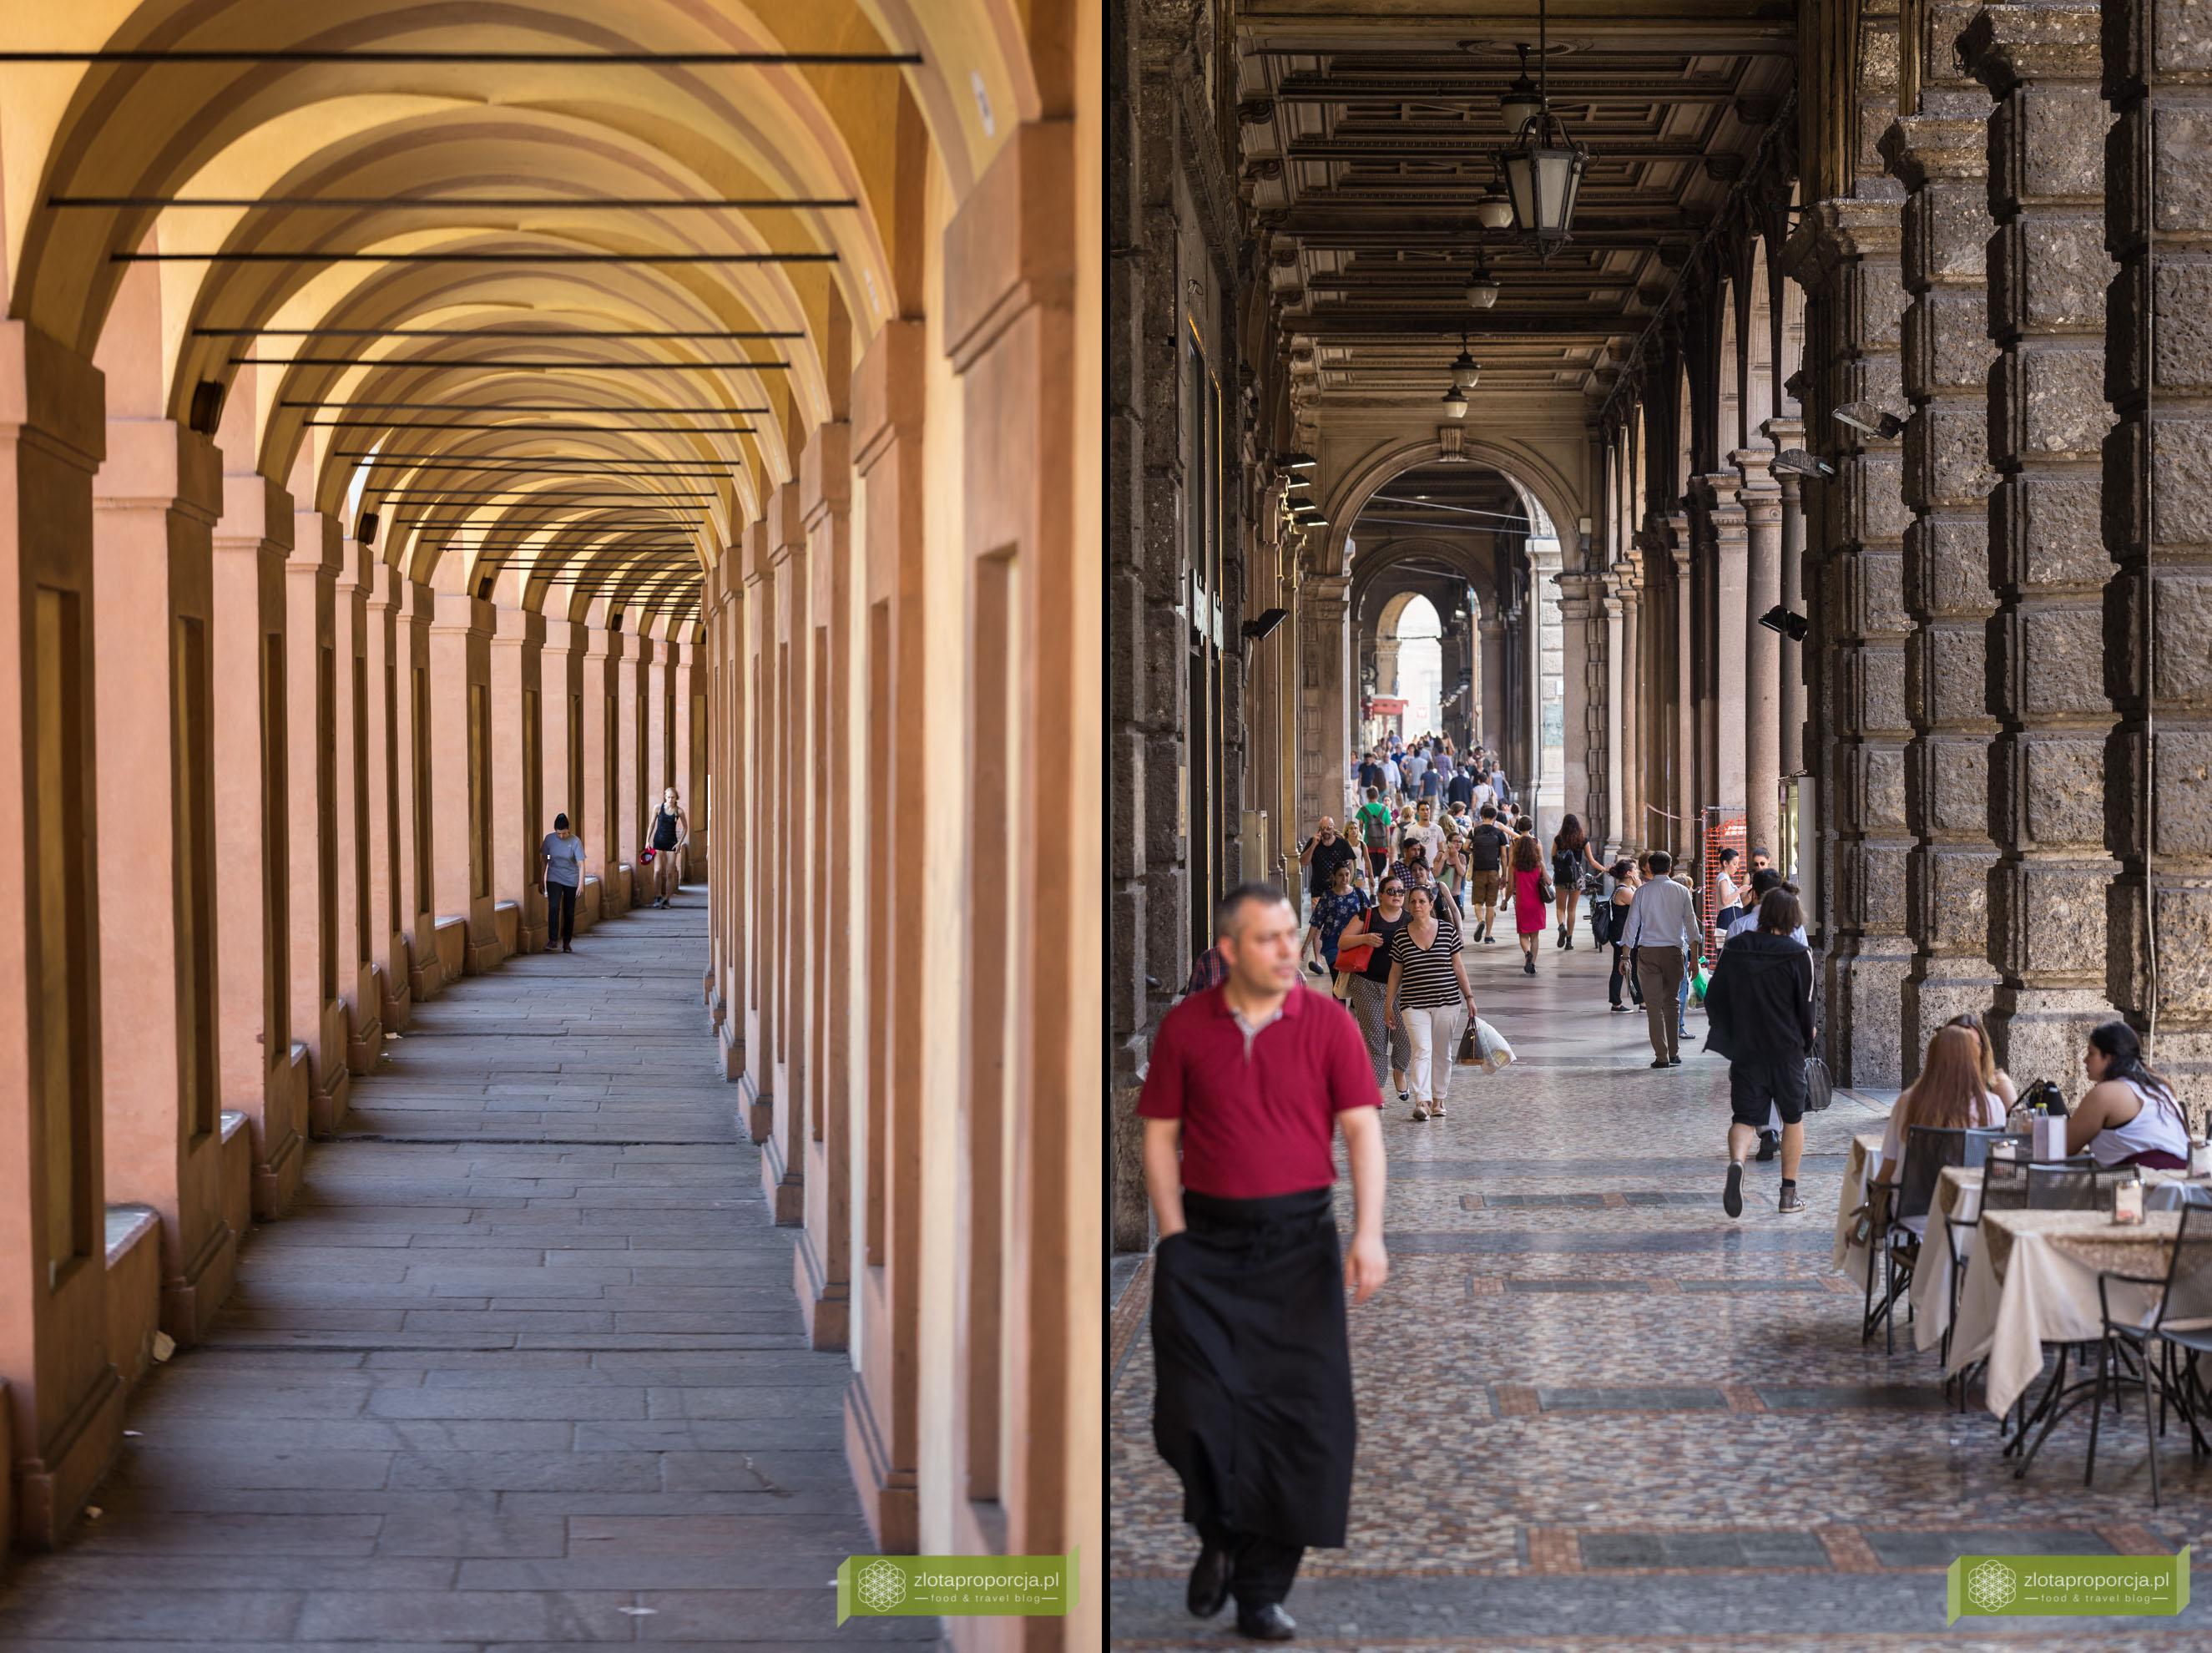 Bolonia, atrakcje Bolonii, zwiedzanie Bolonii, portyki w Bolonii,, Emilia Romania,